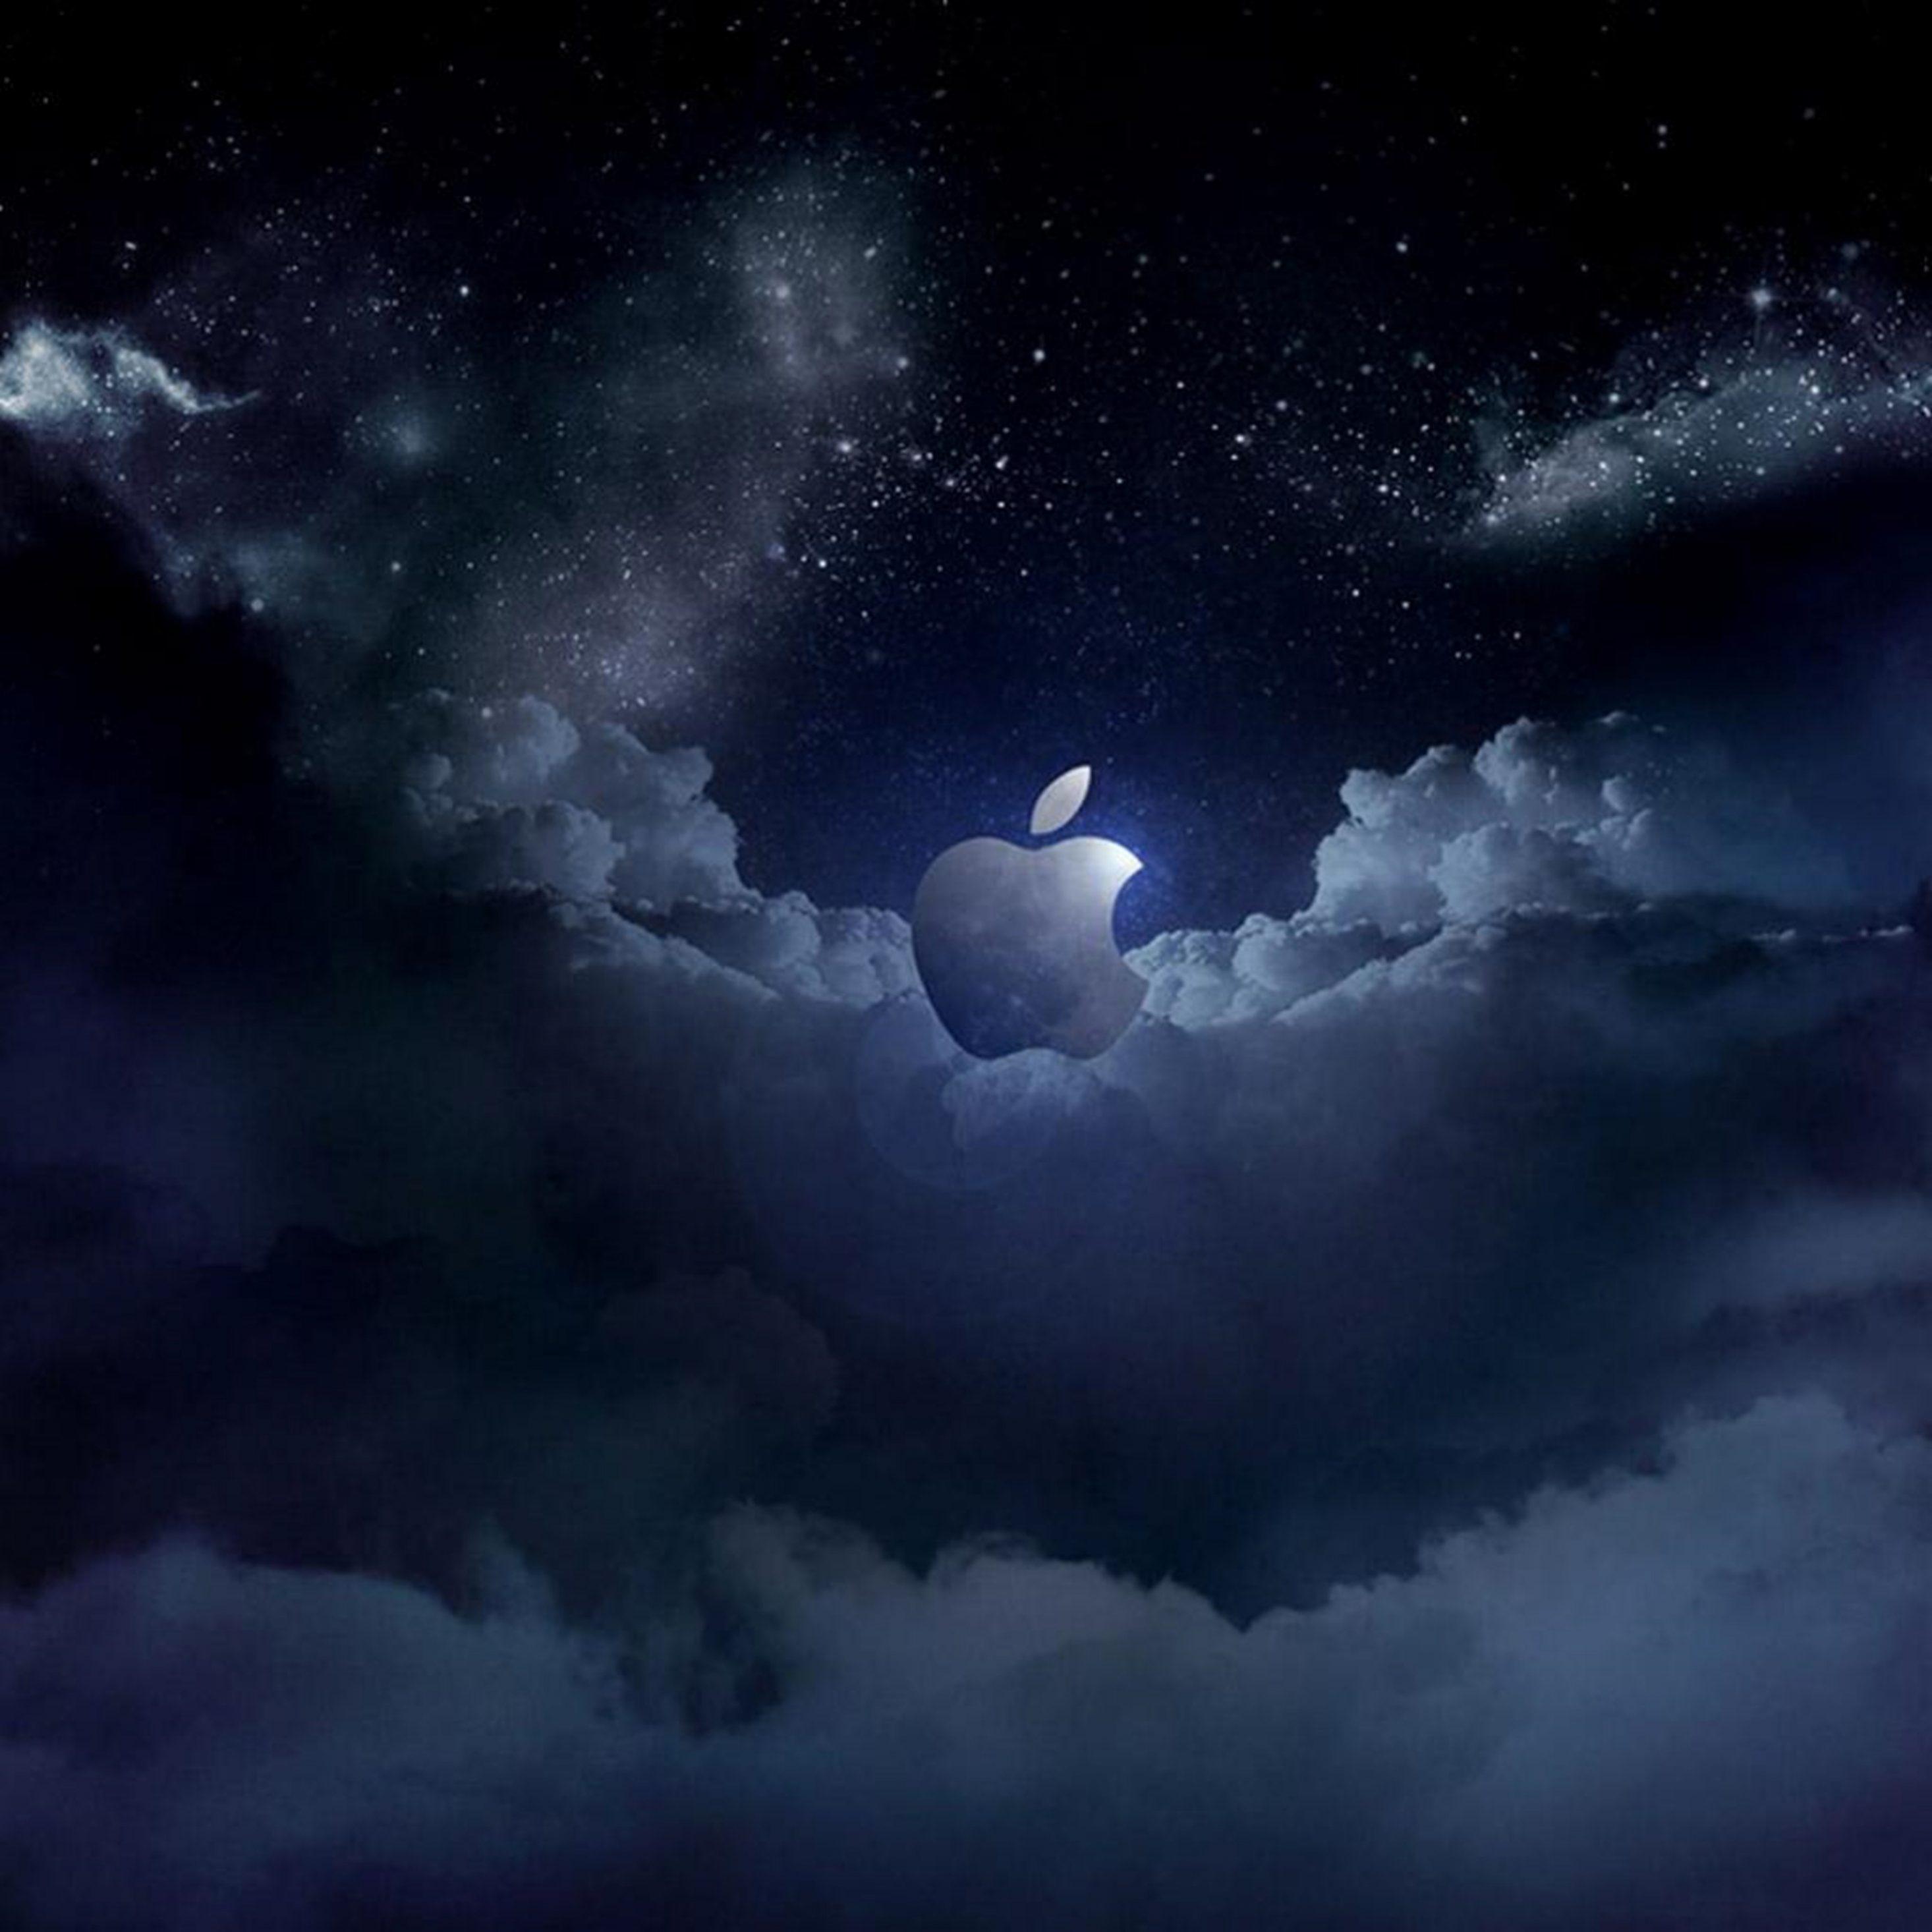 2932x2932 iPad Pro wallpaper 4k Apple Cloud at Night Ipad Wallpaper 2932x2932 pixels resolution